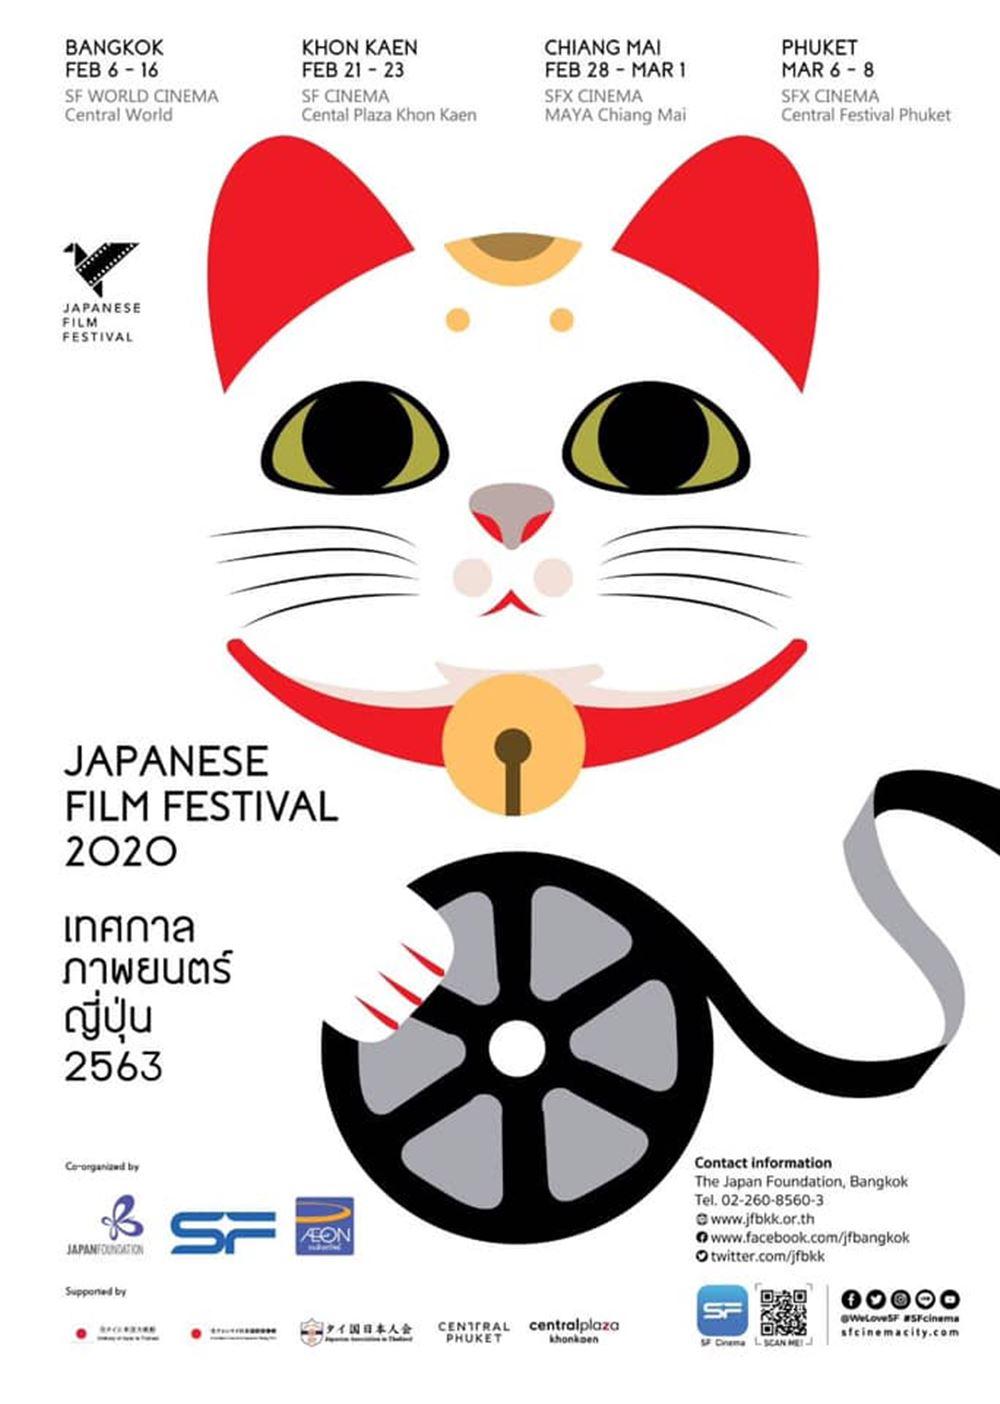 เทศกาลภาพยนตร์ญี่ปุ่น ปี2563